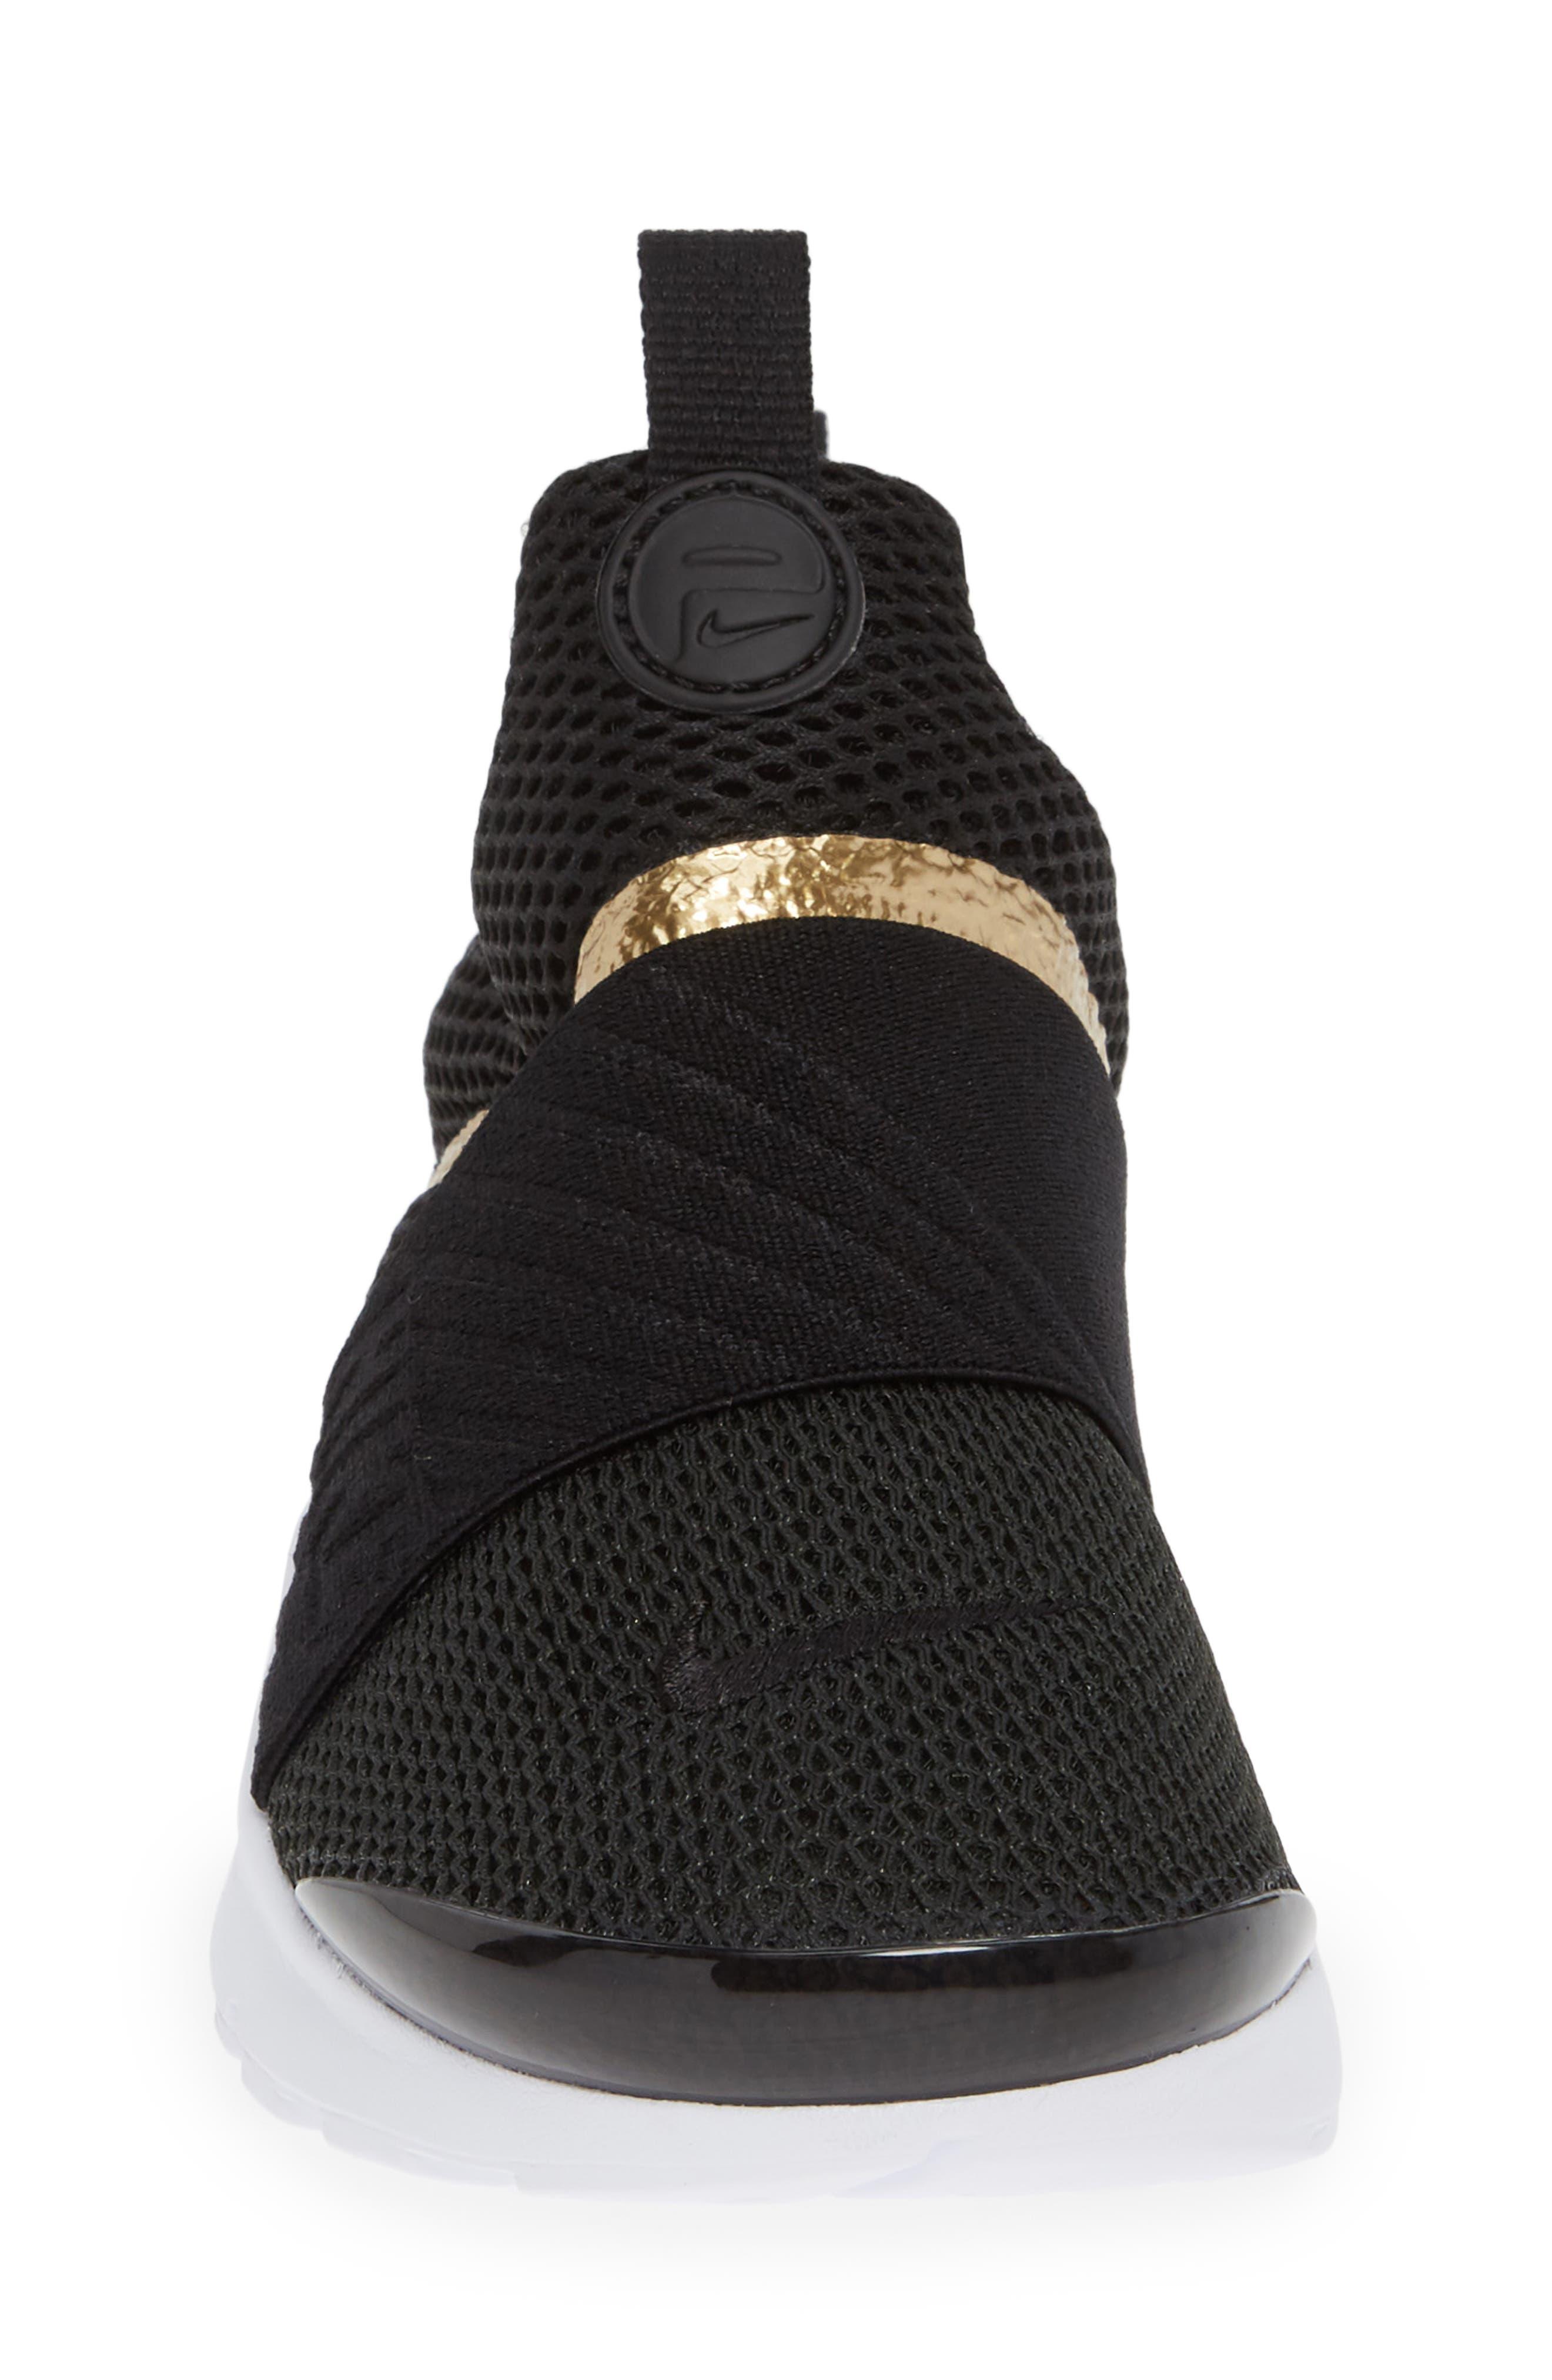 Presto Extreme Sneaker,                             Alternate thumbnail 5, color,                             Black/ Metallic Gold/ White